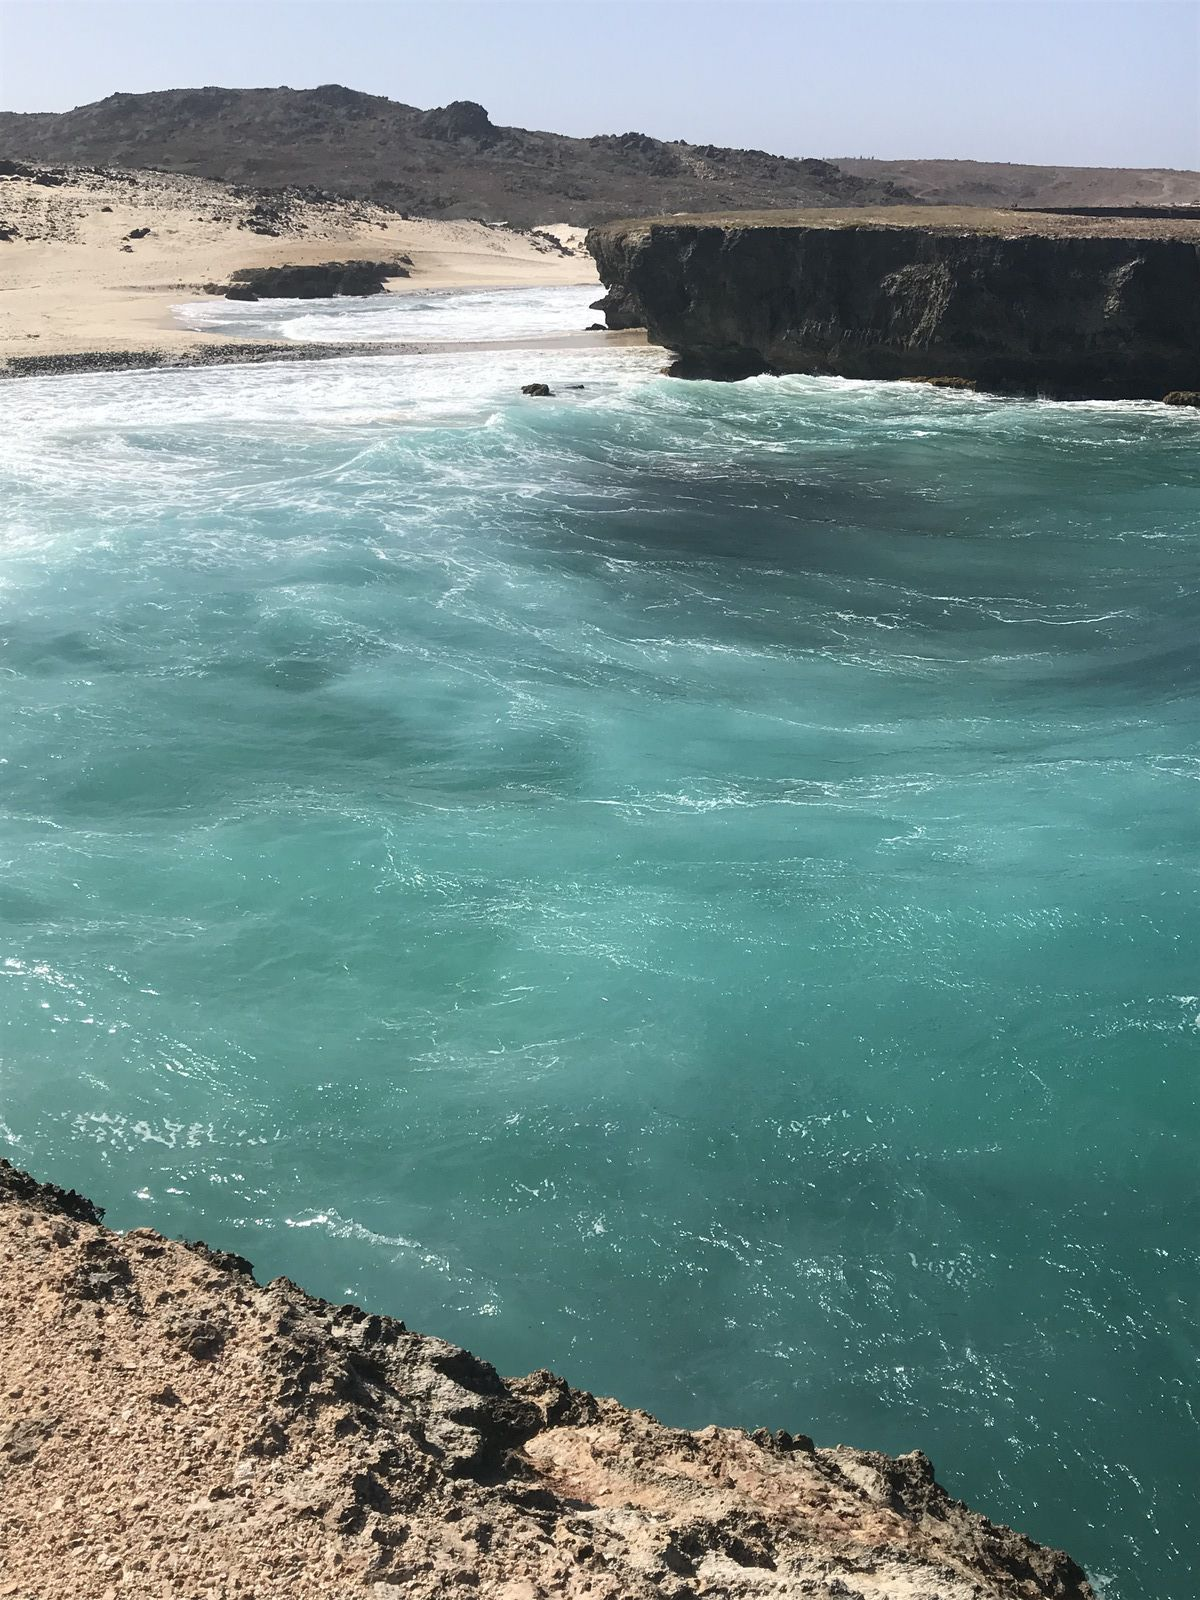 131ème pays visité ARUBA - petite île aride au tourisme américanisé